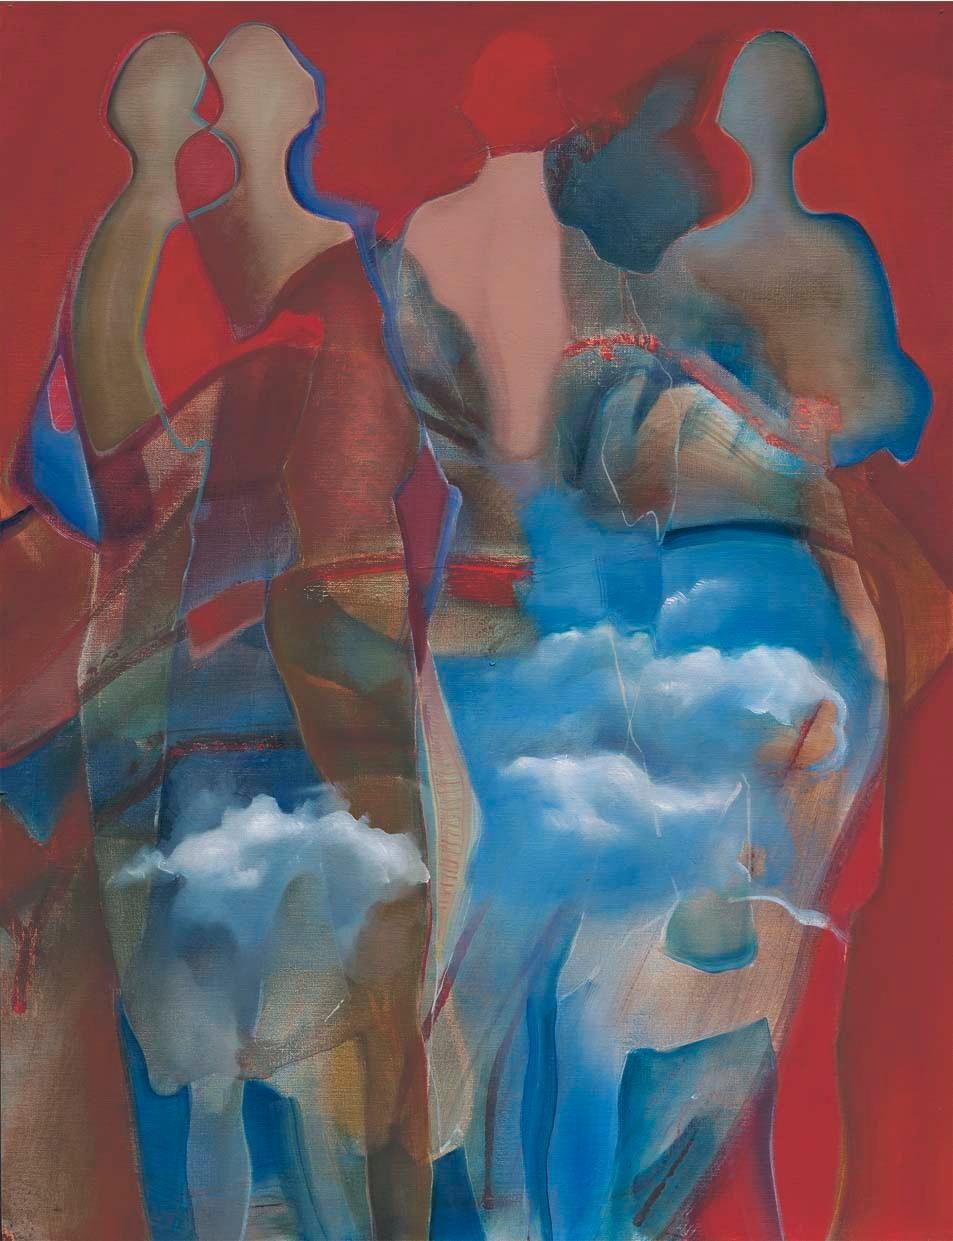 High Society, 2005, 65 x 50 cm, oil on canvas